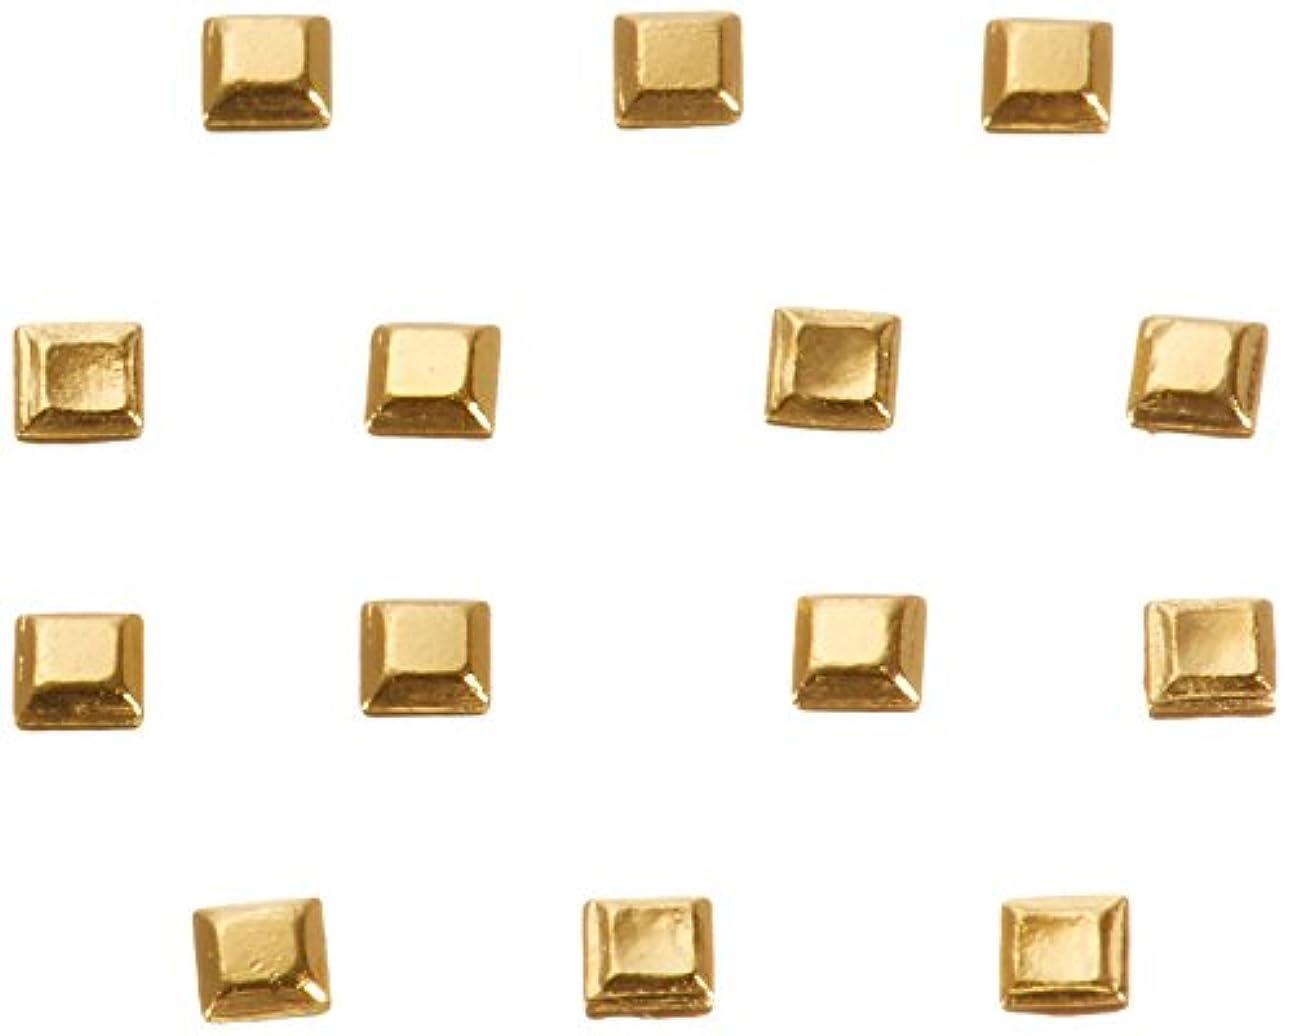 今日一定感嘆符リトルプリティー ネイルアートパーツ スタッズスクエア ゴールド 200個